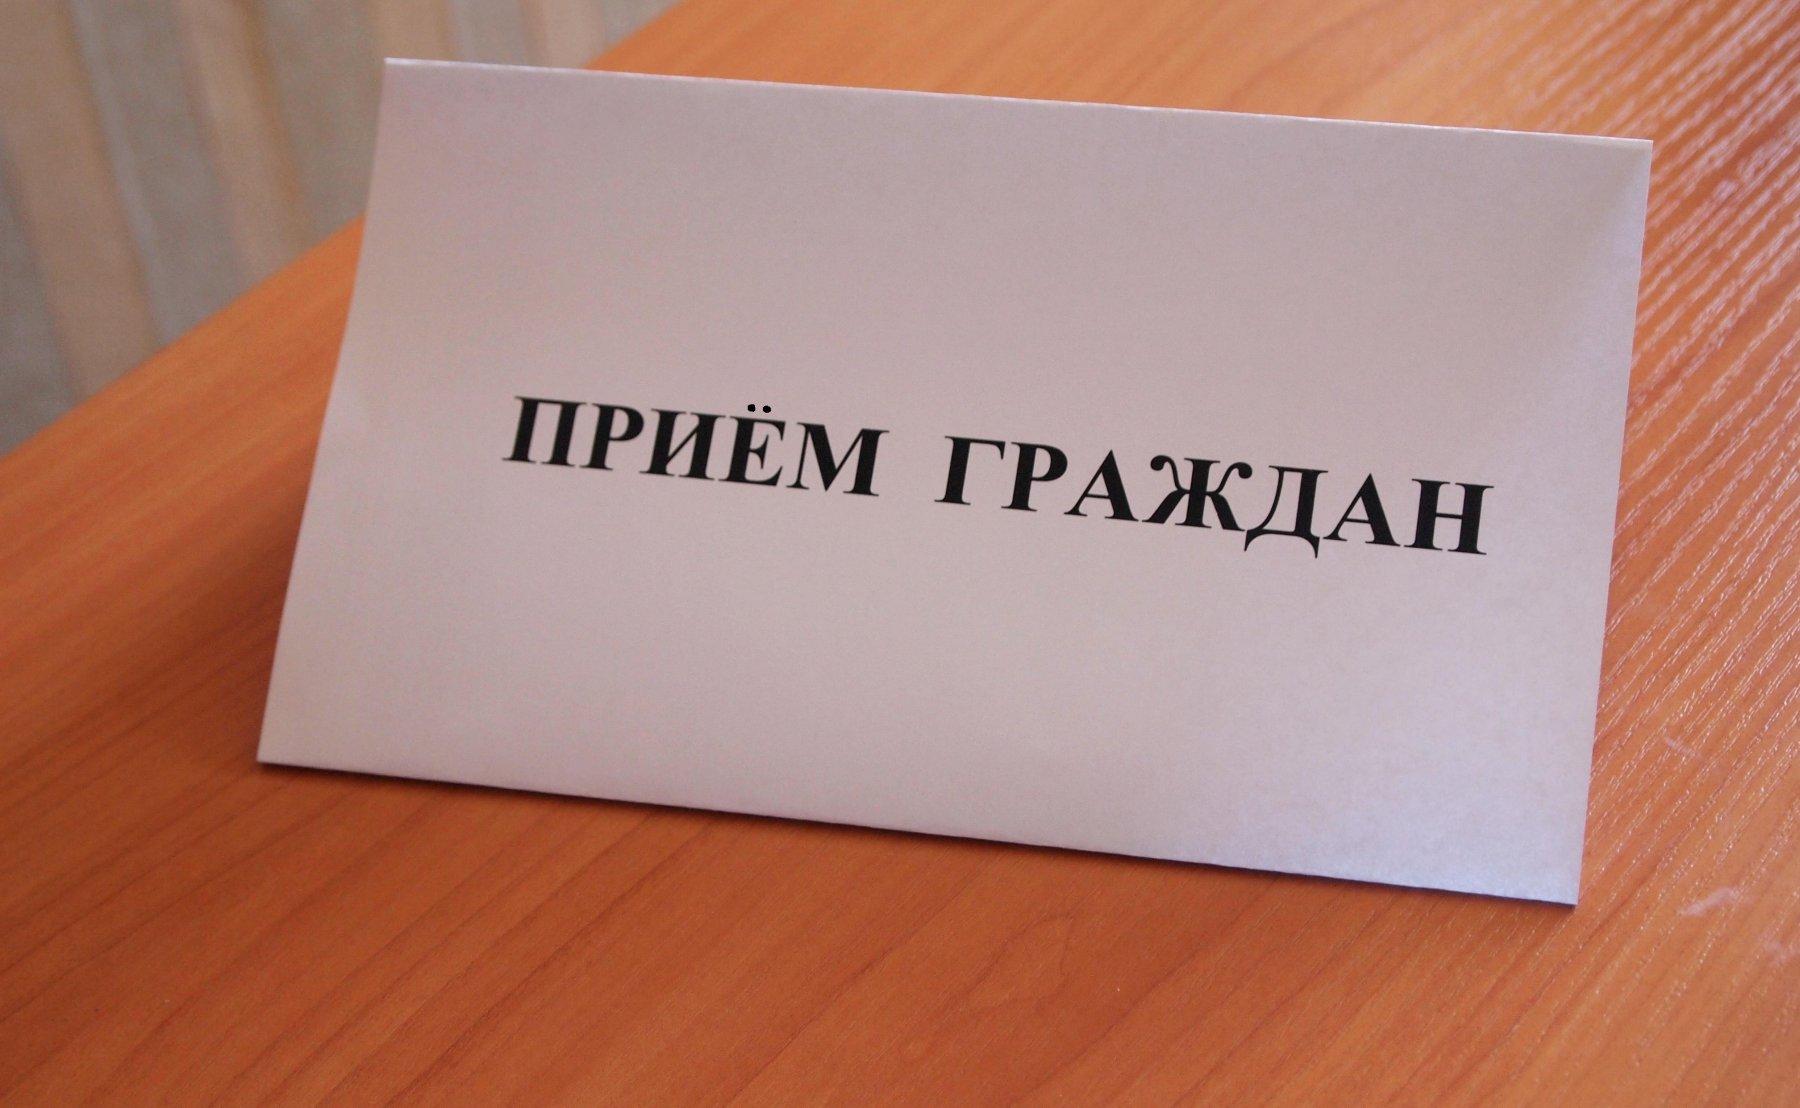 Министр сельского хозяйства и продовольствия Беларуси проведет выездной прием граждан и прямую телефонную линию